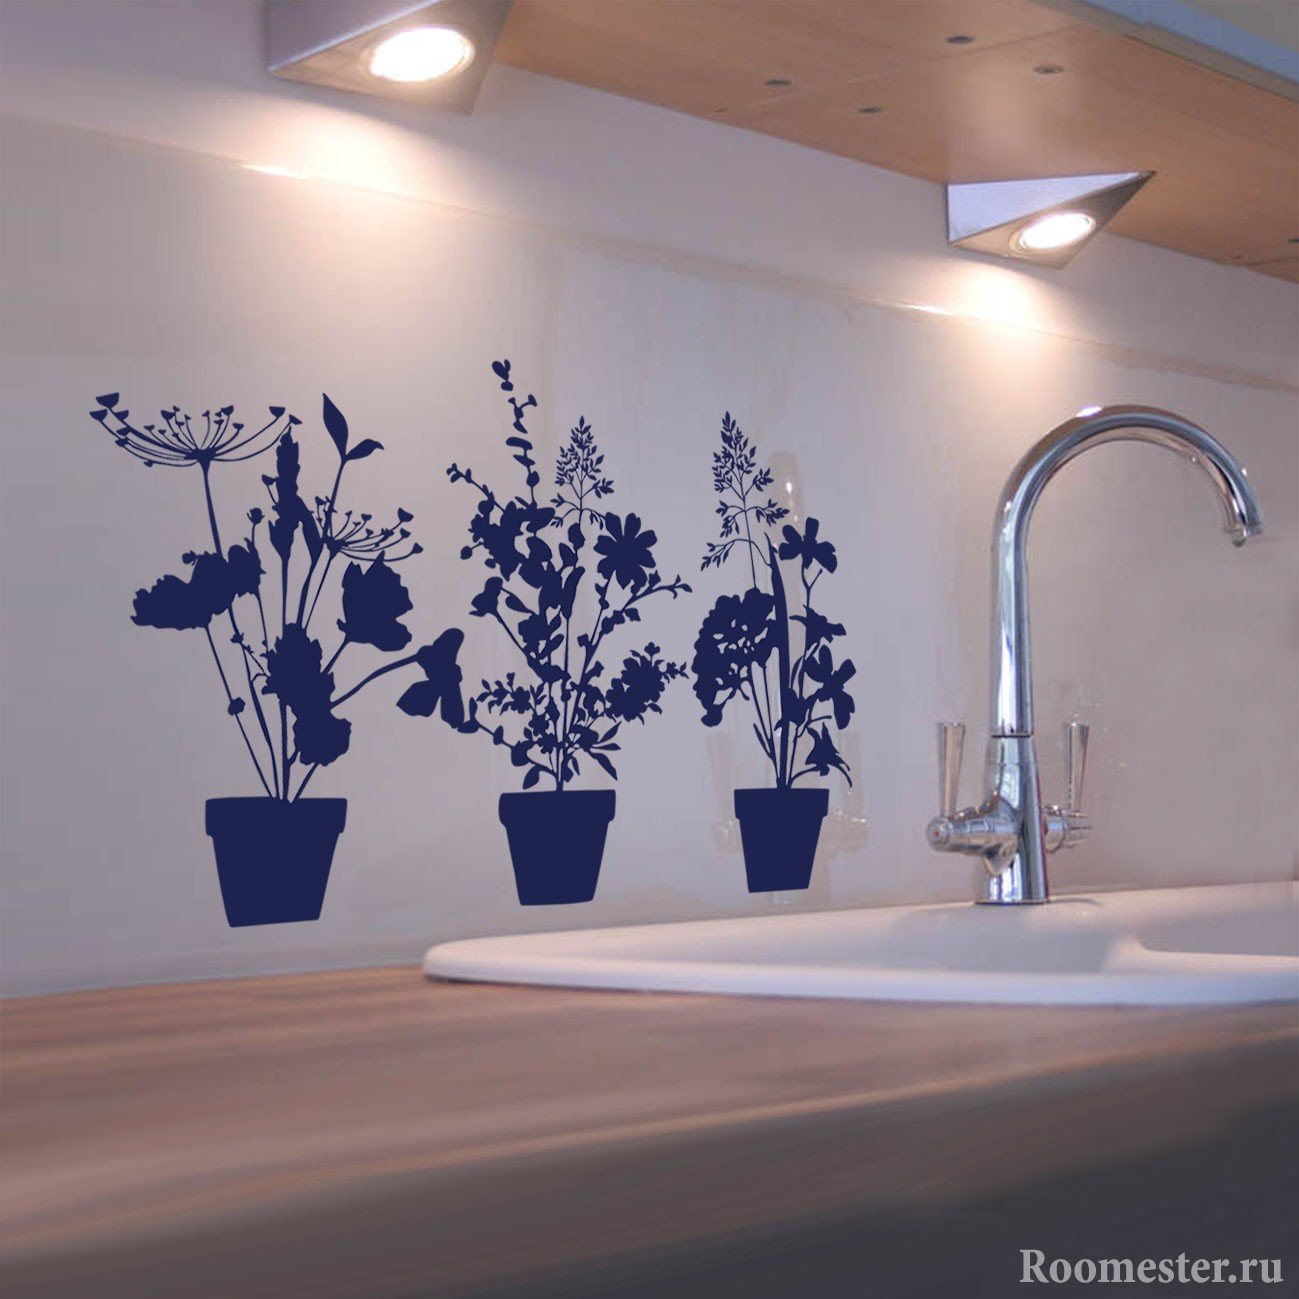 Наклейки на стену кухни